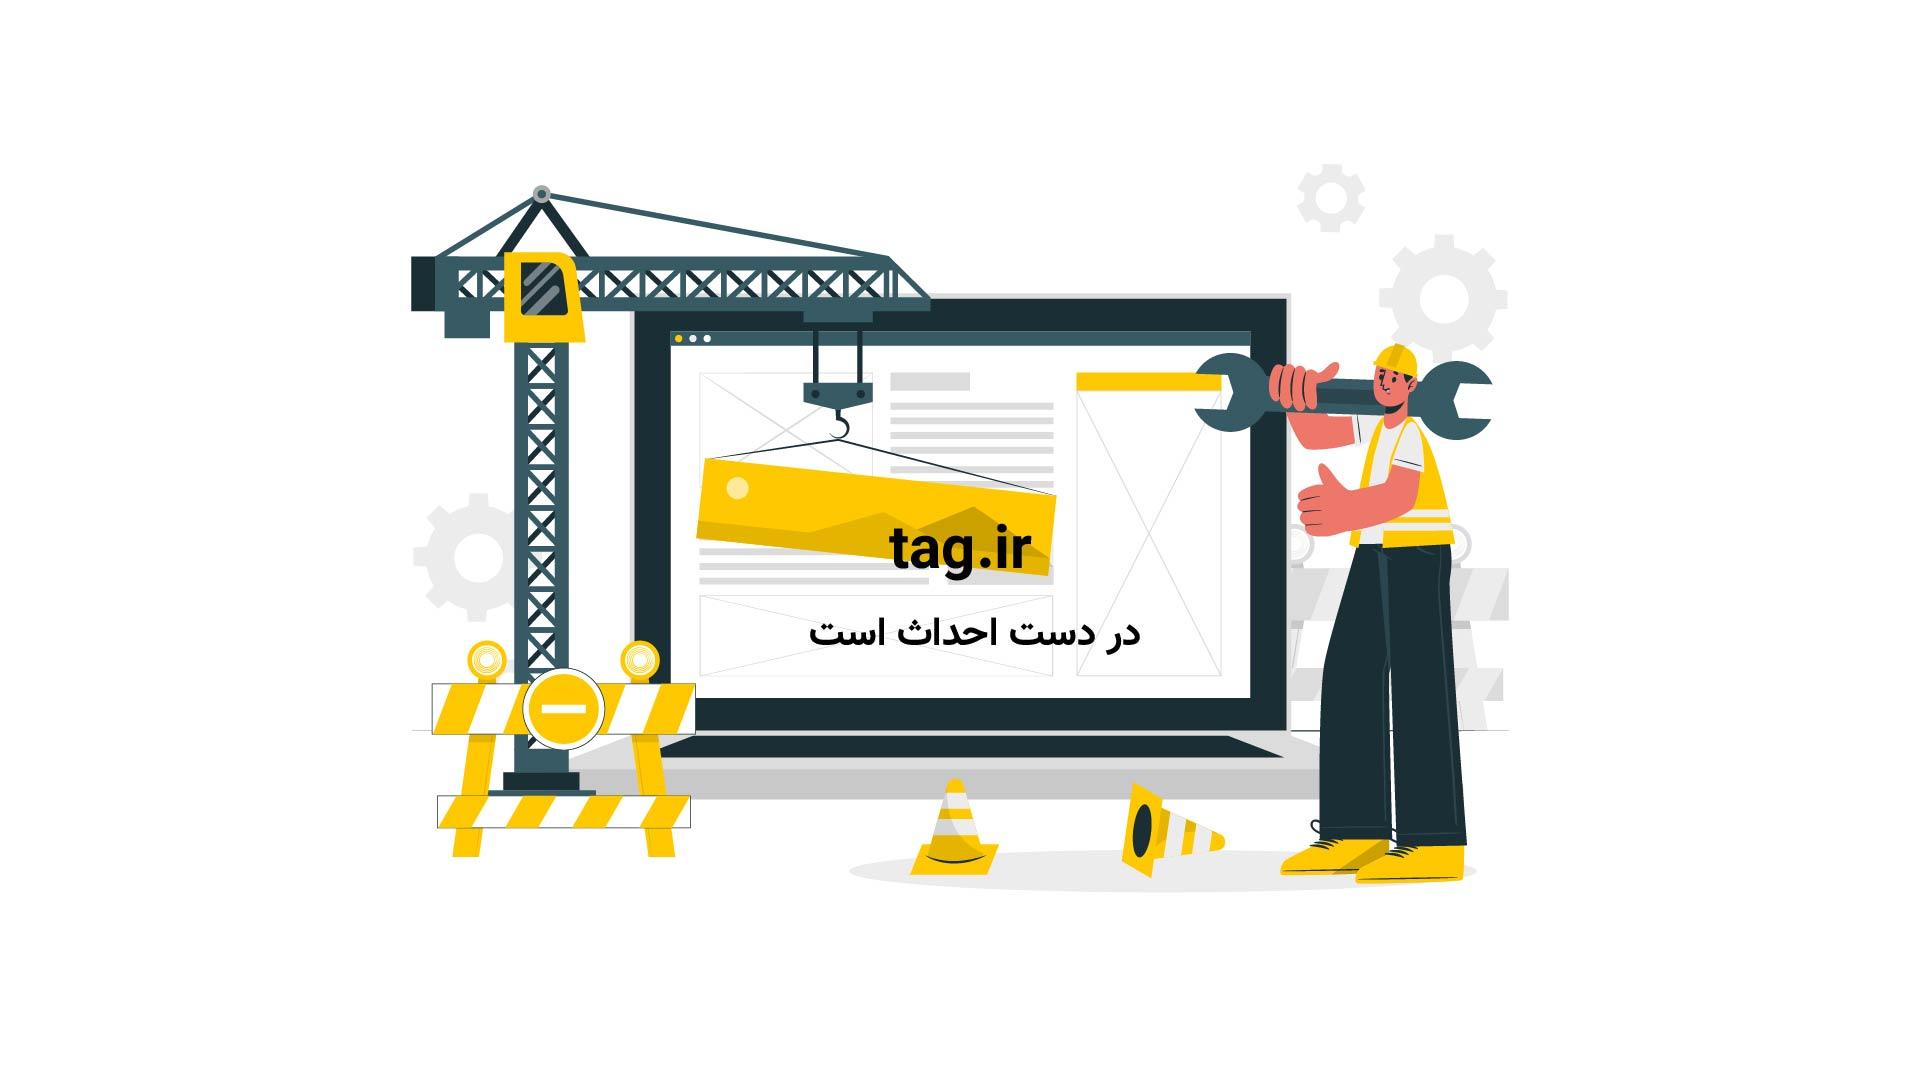 بازی موبایل | تگ